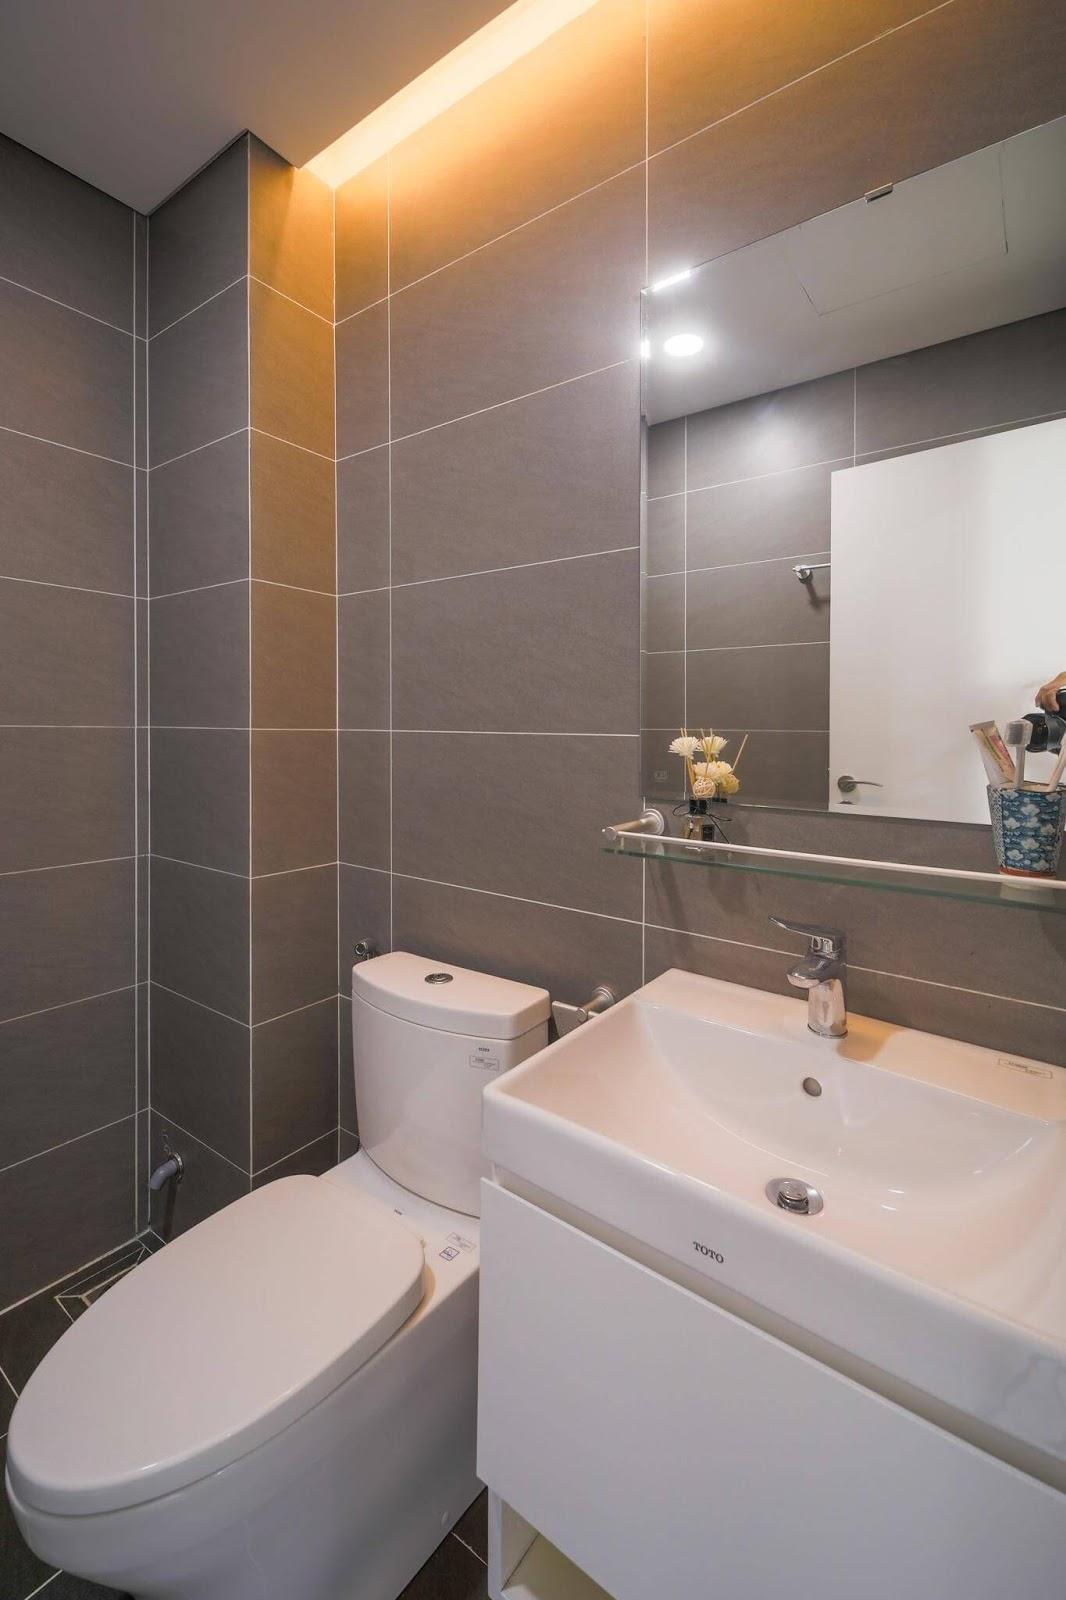 Phòng tắm căn hộ AQH Riverside được trang bị thiết bị Toto cao cấp.